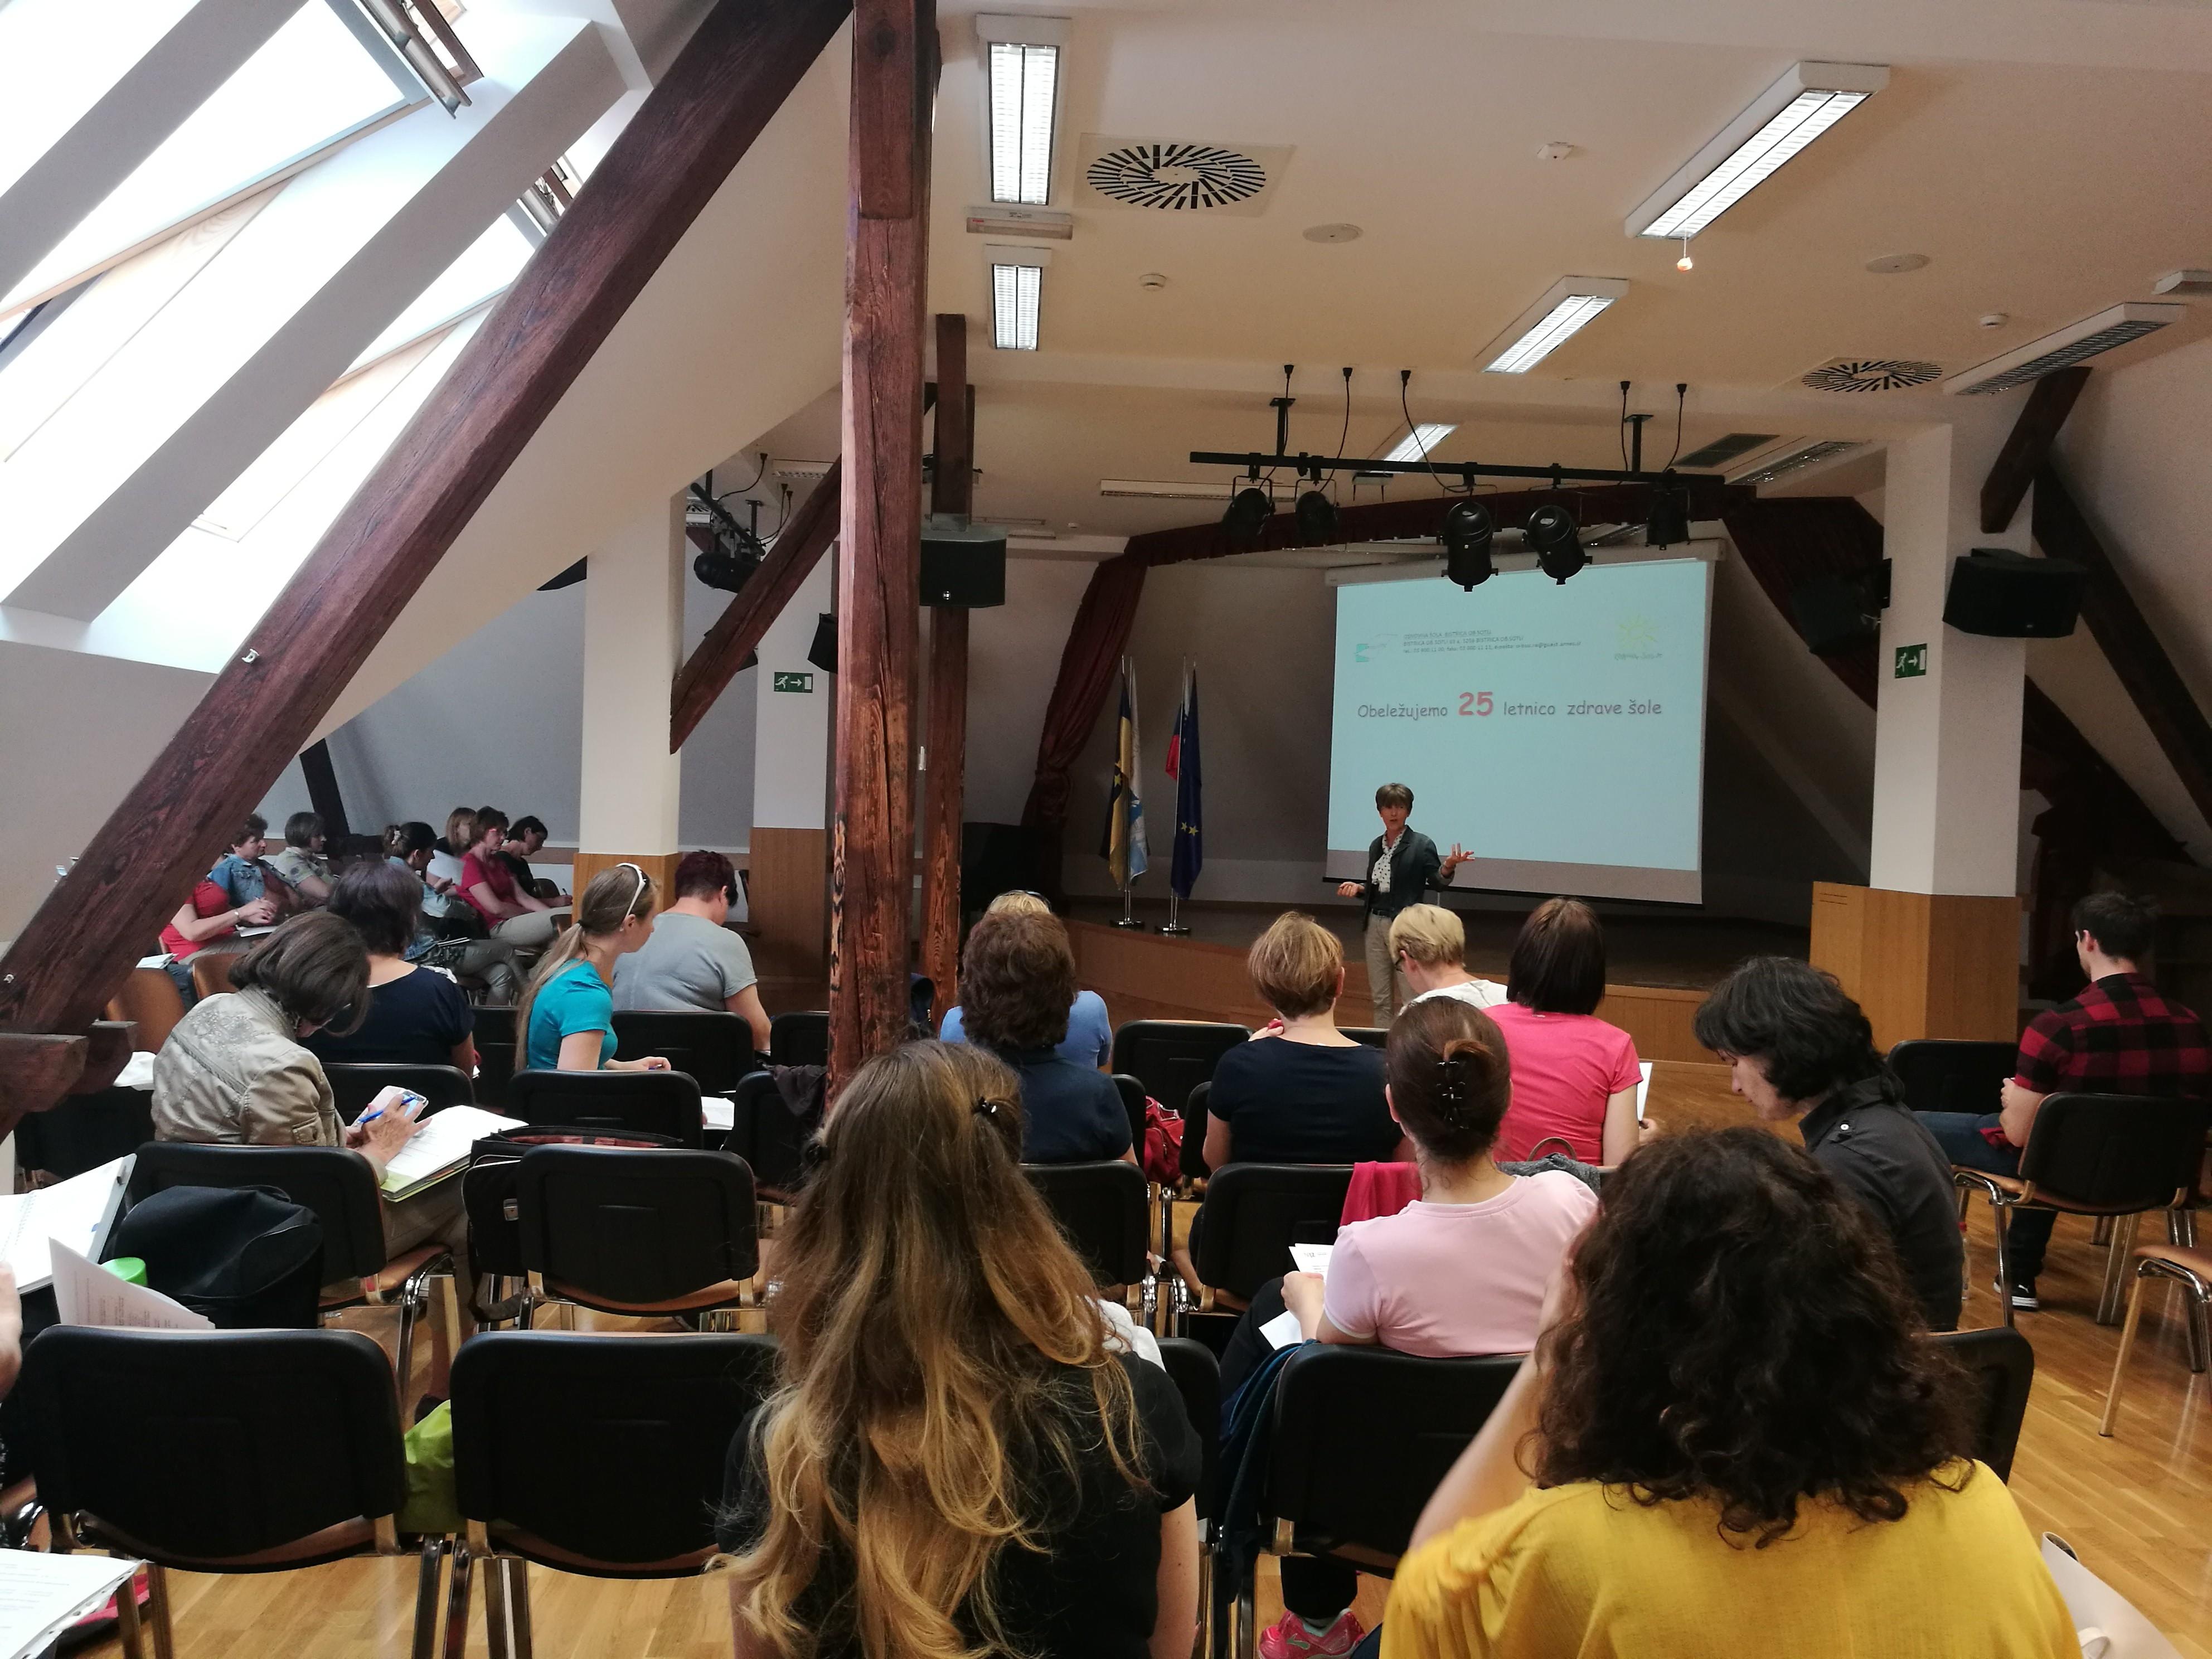 Marinka Drofenik iz OŠ Bistrica ob Sotli je predstavila, kako obeležujejo 25. obletnico na njihovi šoli.